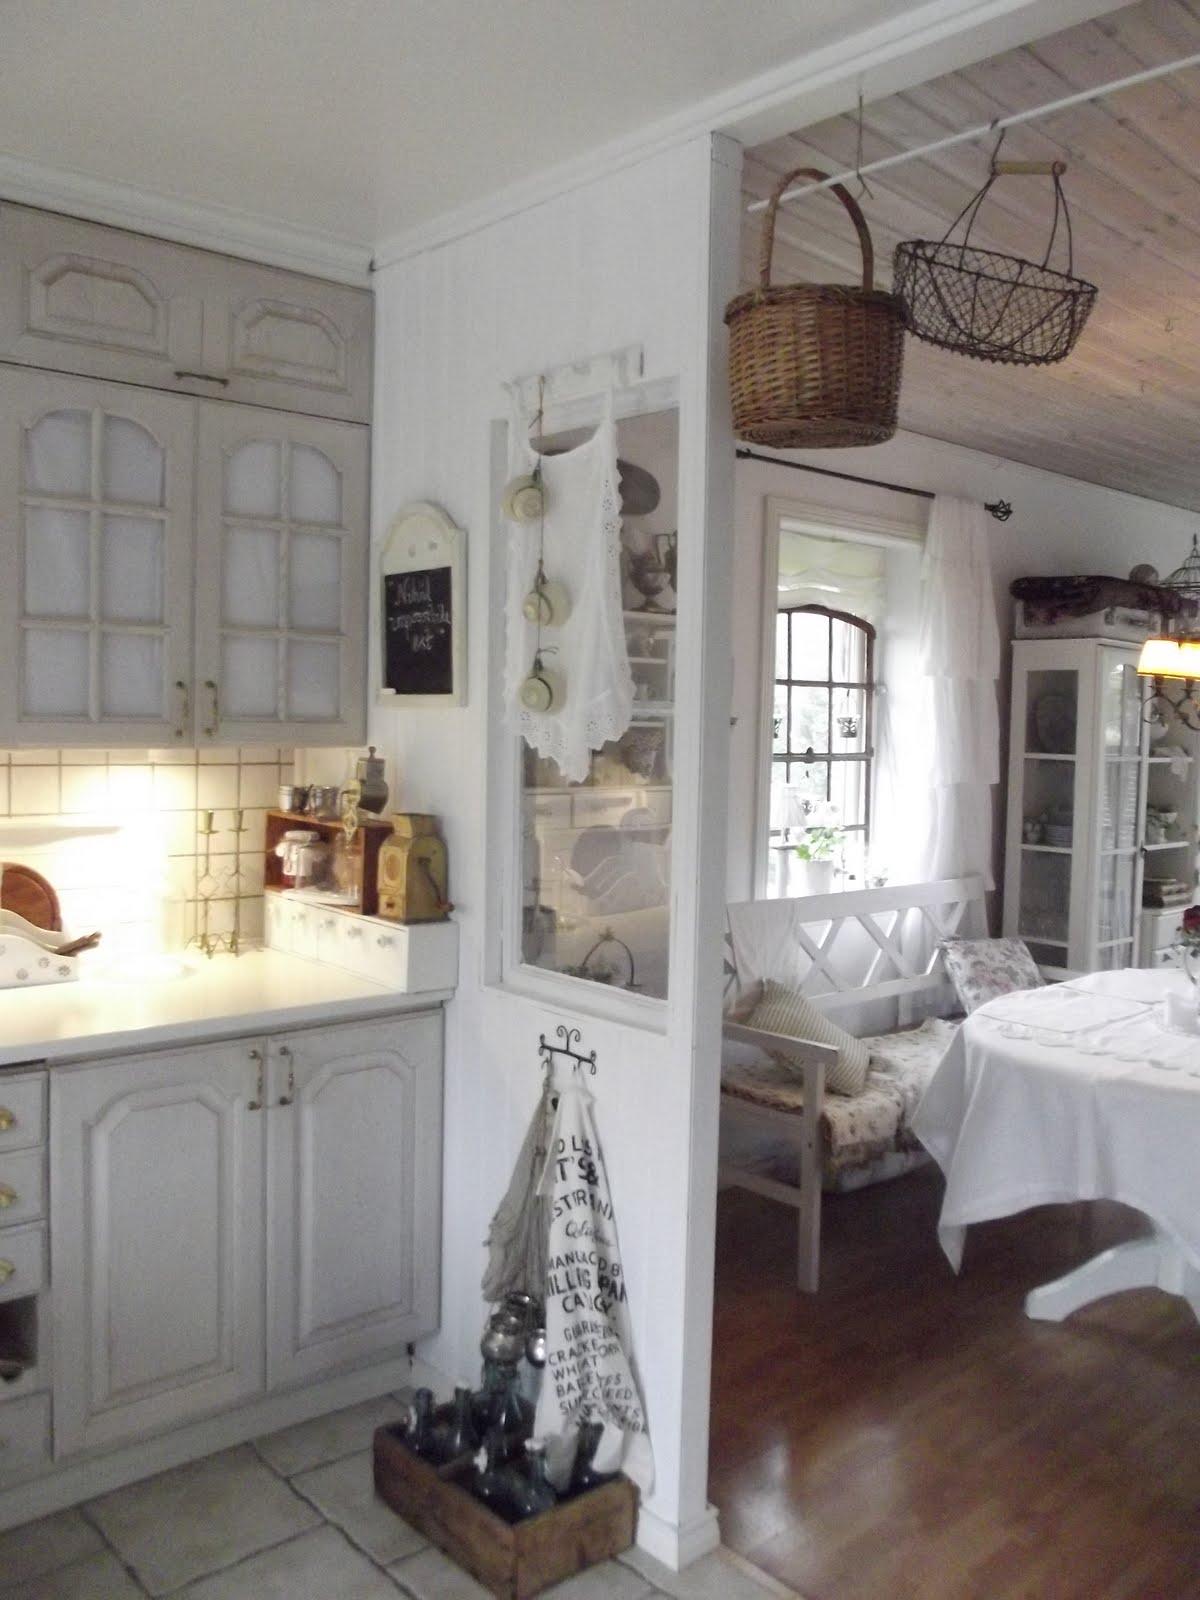 e bastato si fa per dire ridipingere le ante della cucina per cambiare completamente aspetto non solo al locale ma anche allintera casa